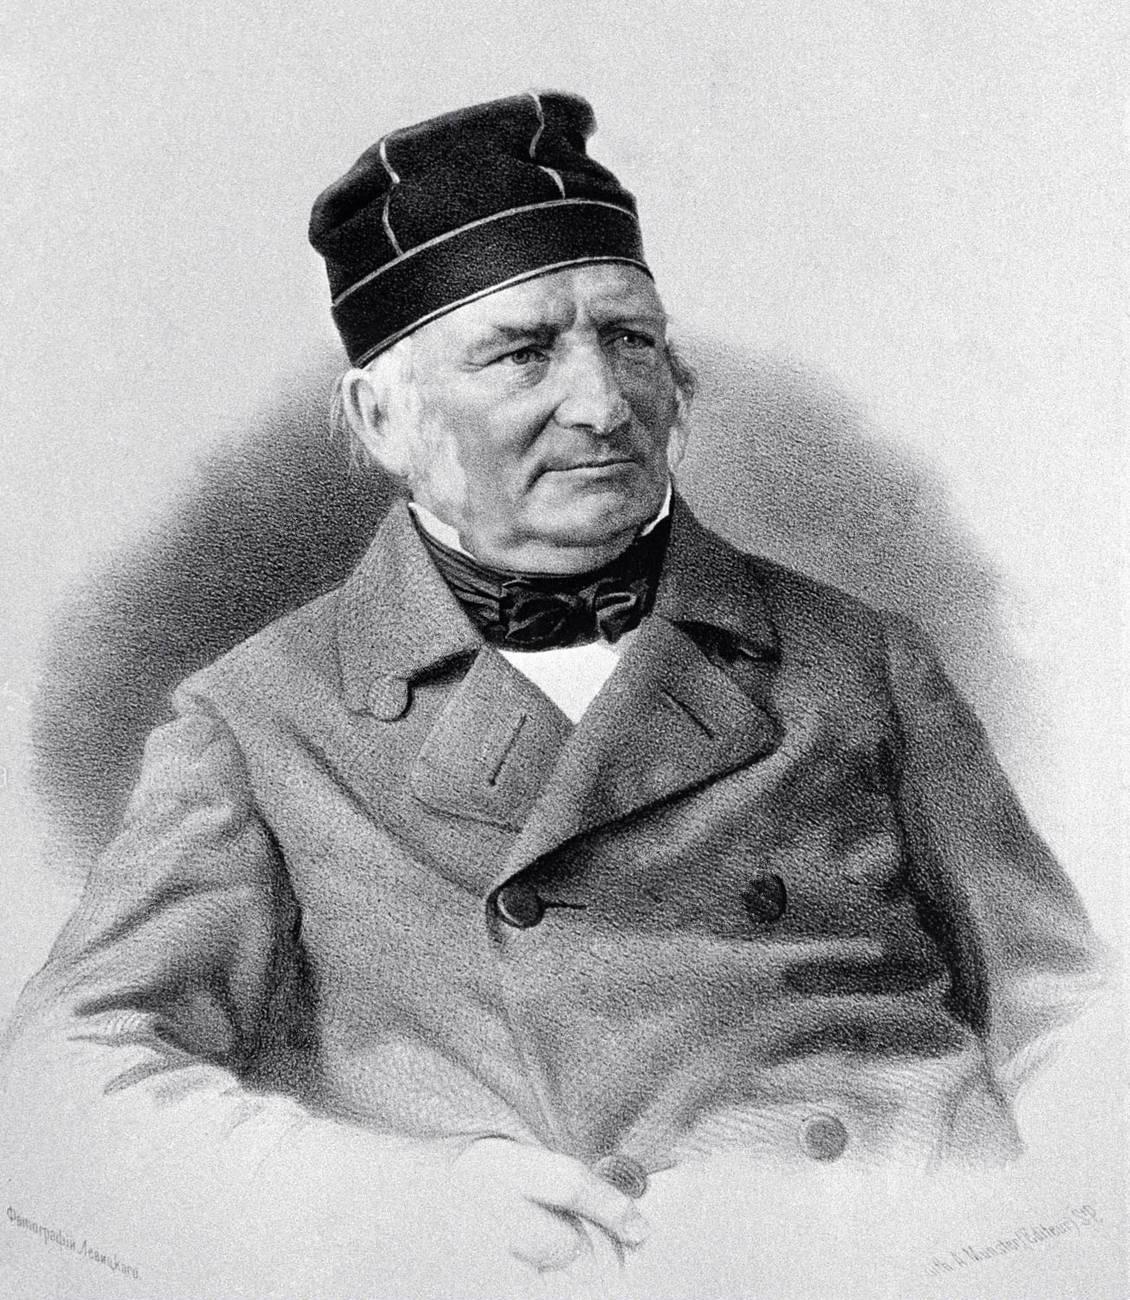 Friedrich_Georg-Wilhelm_von_Struve